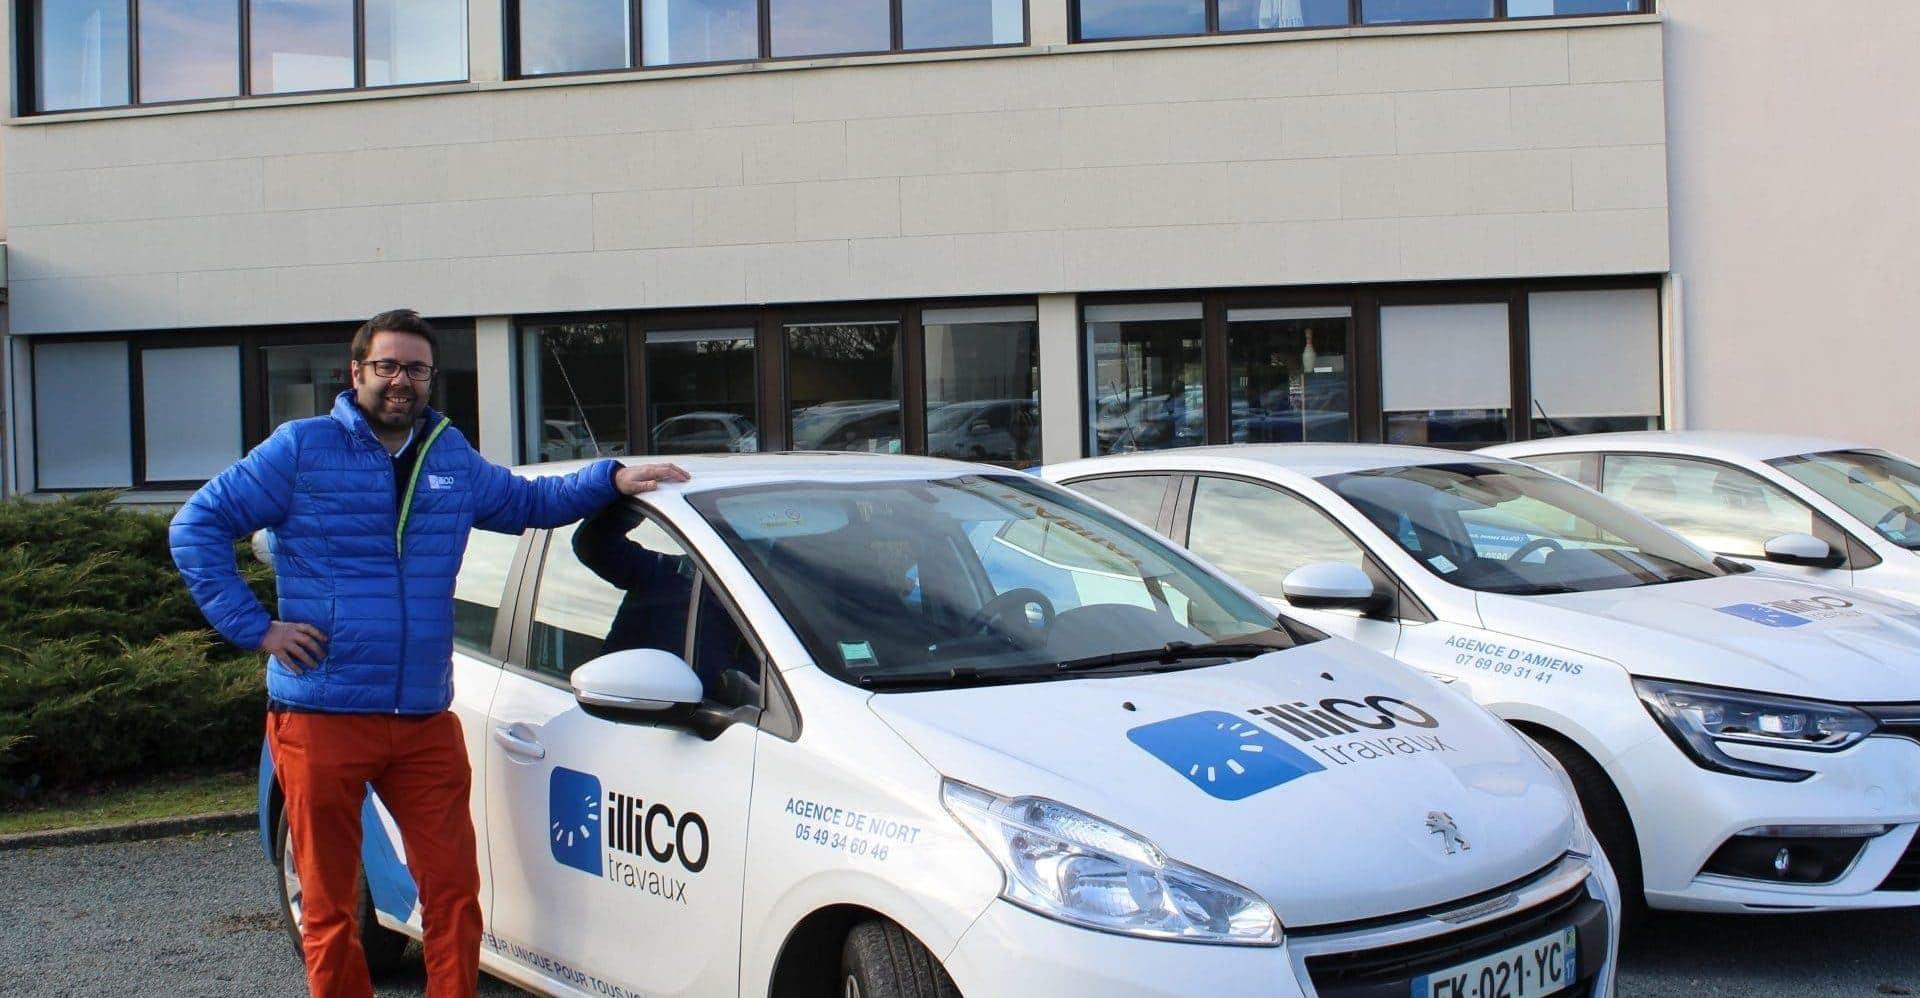 illiCO travaux compte une nouvelle agence à Rouen